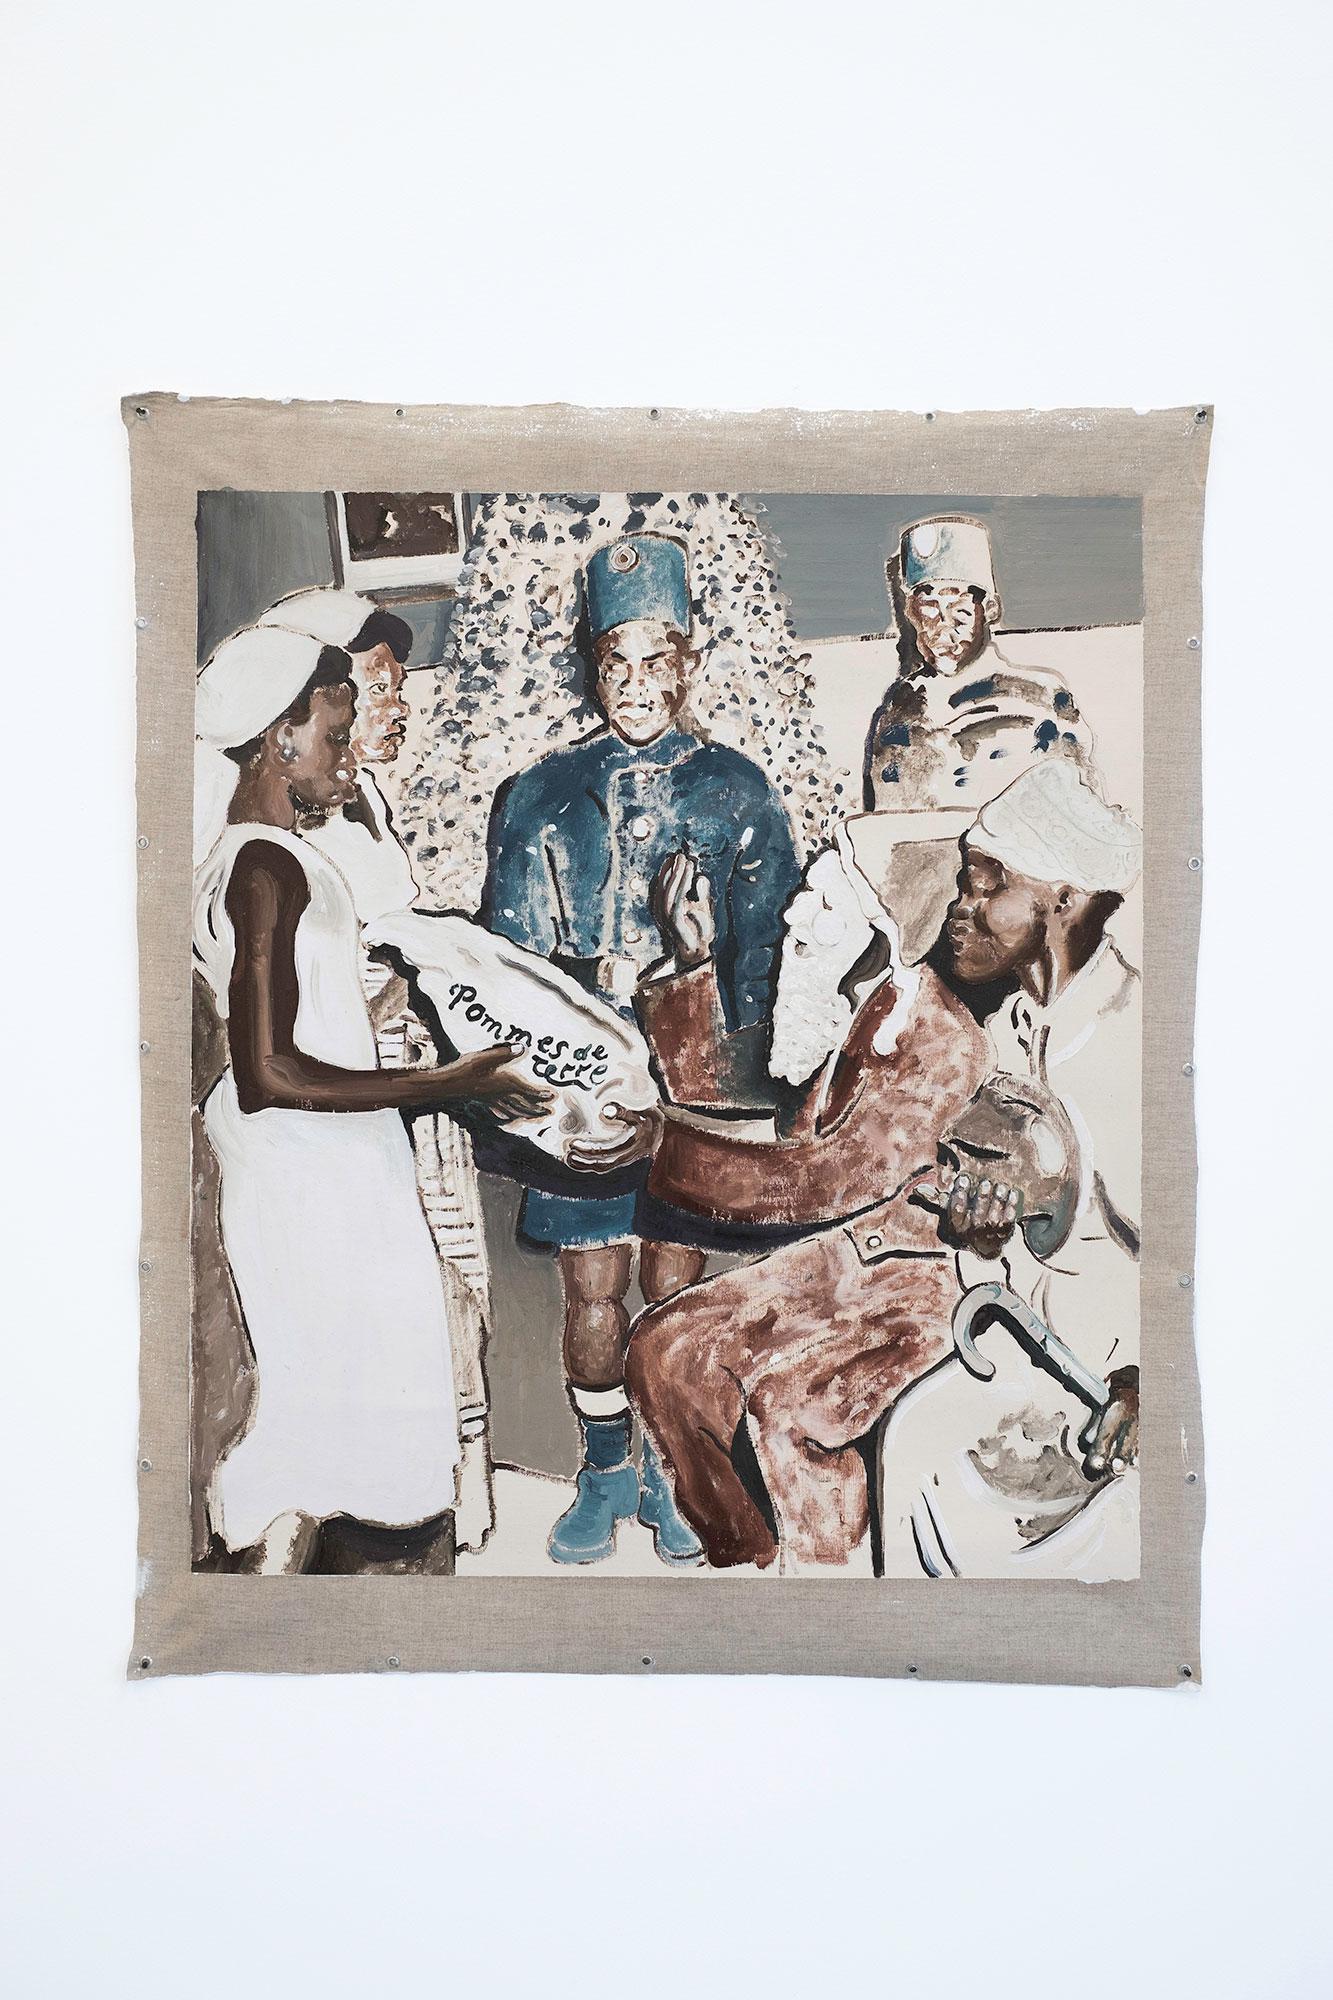 Koning Boudewijn Kijkt Toe Vanuit Zijn Hoek, 2017, Oil paint on unstretched canvas, 105x89,5cm.